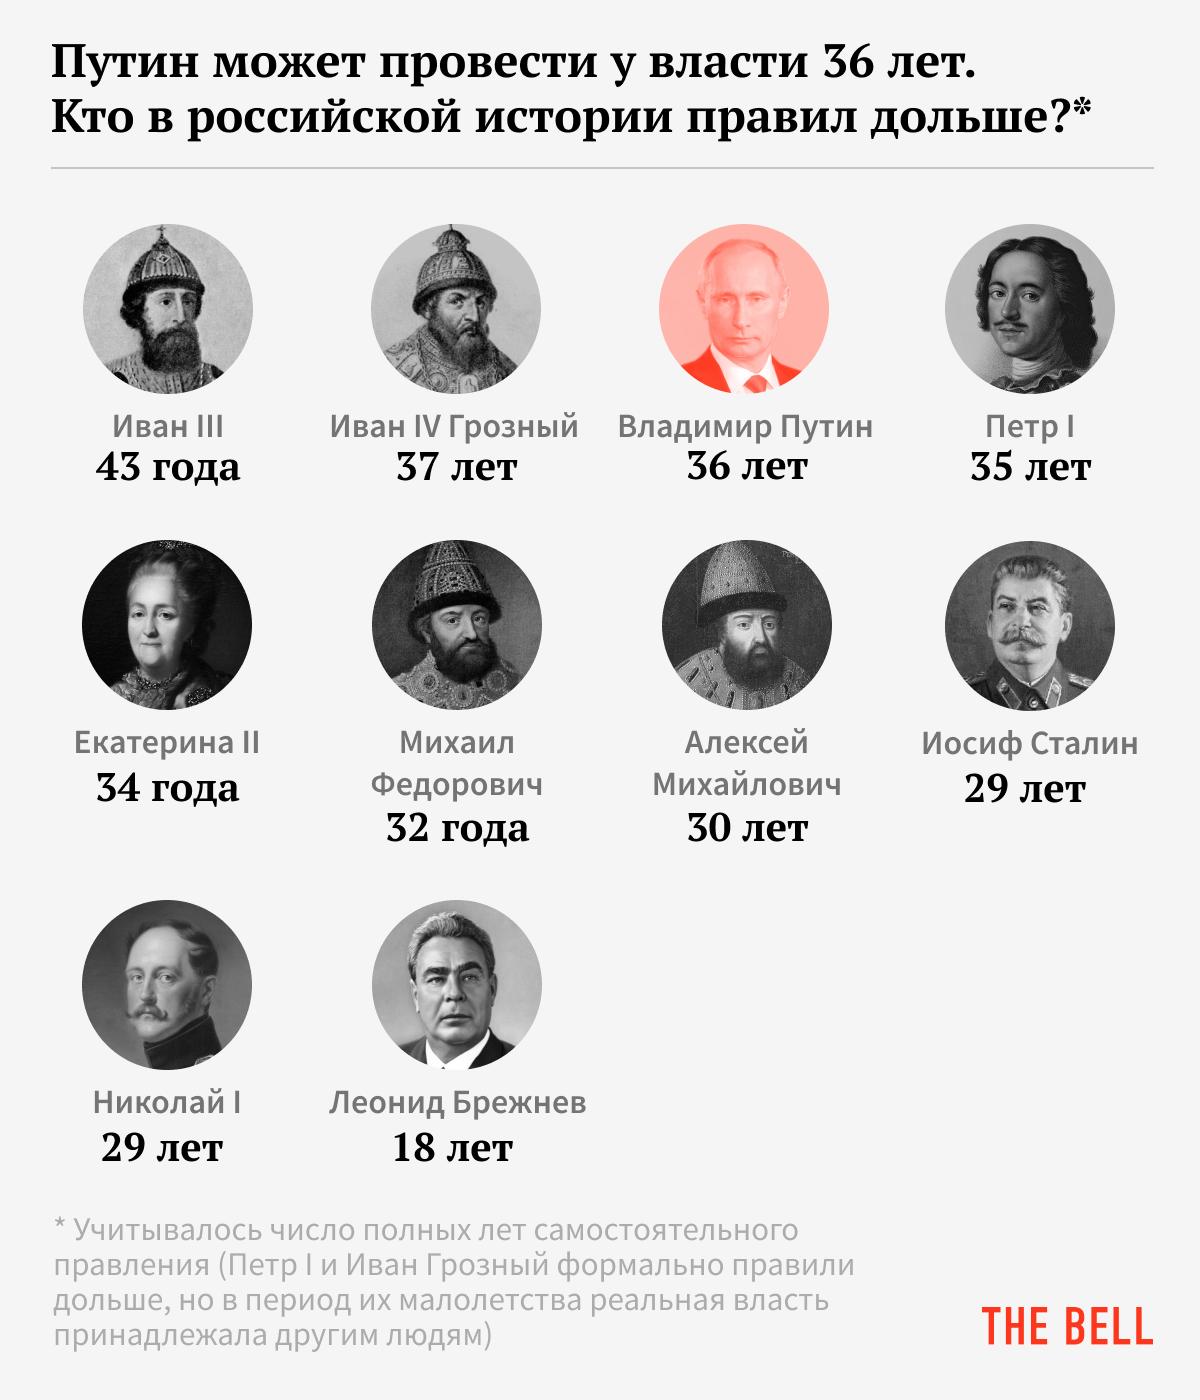 Российские правители, пробывшие у власти дольше всех